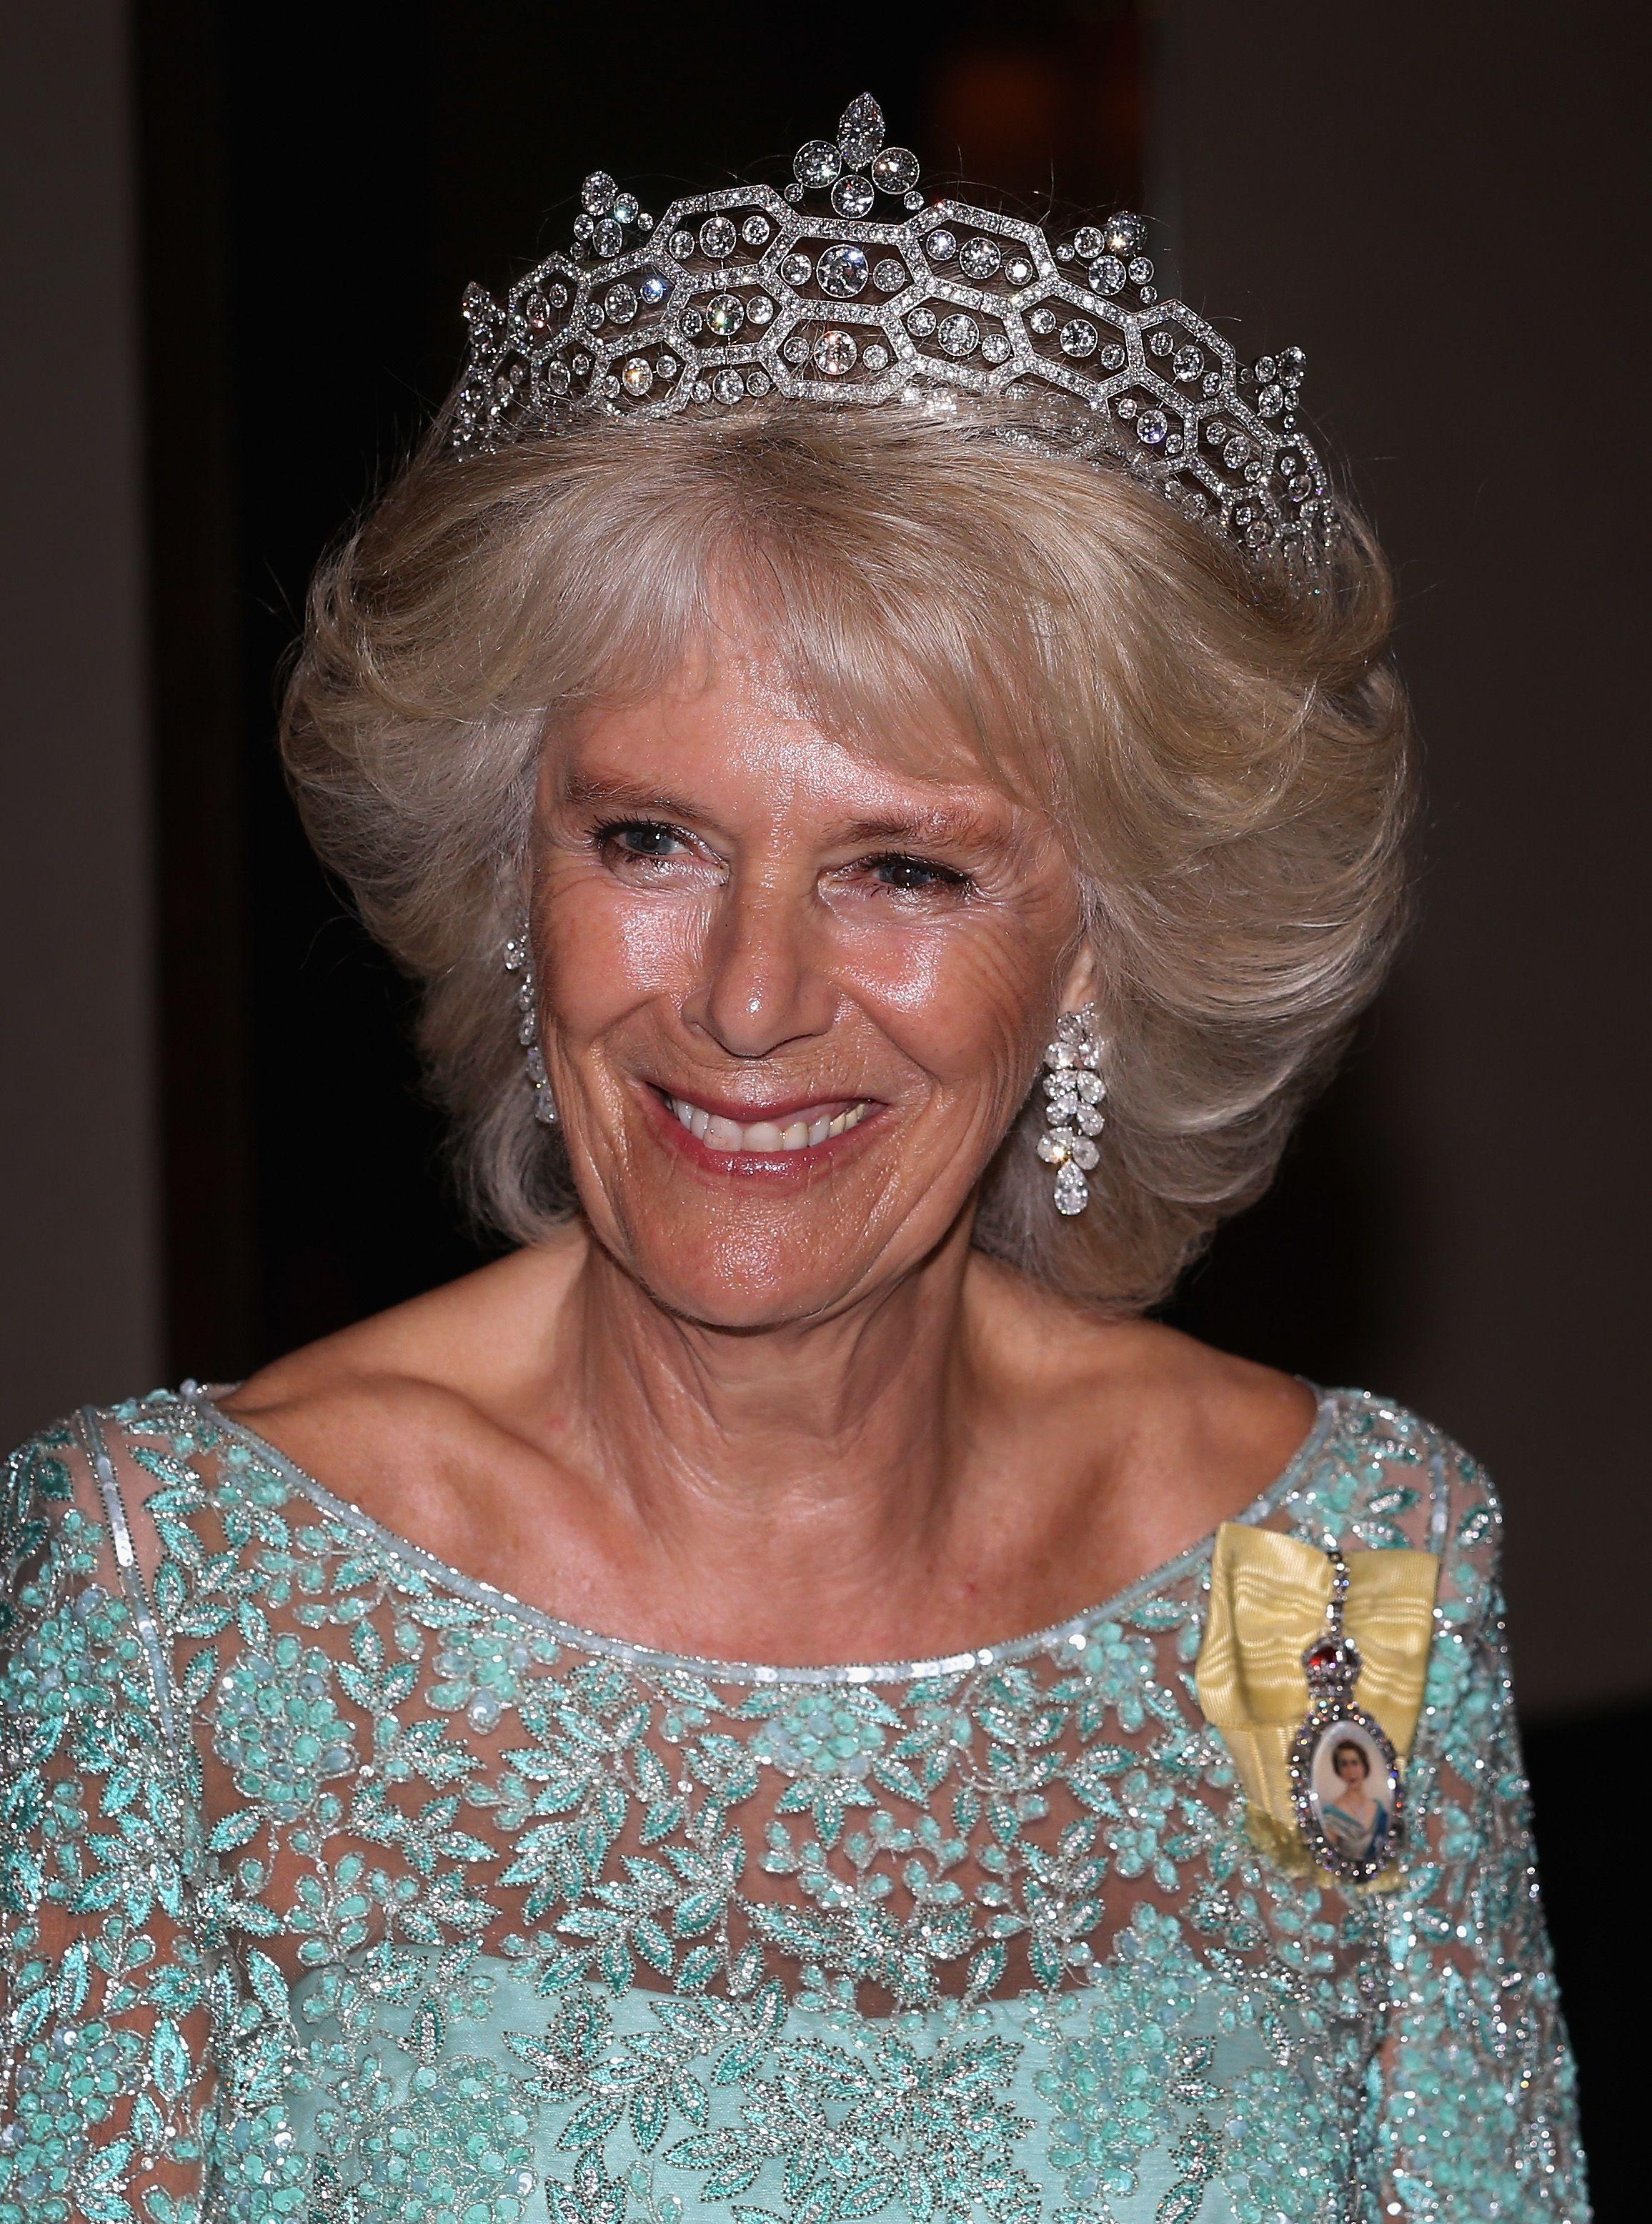 Kamilla cornwalli hercegné 2013-ban, ruháján a királyi családi rangjelzés.